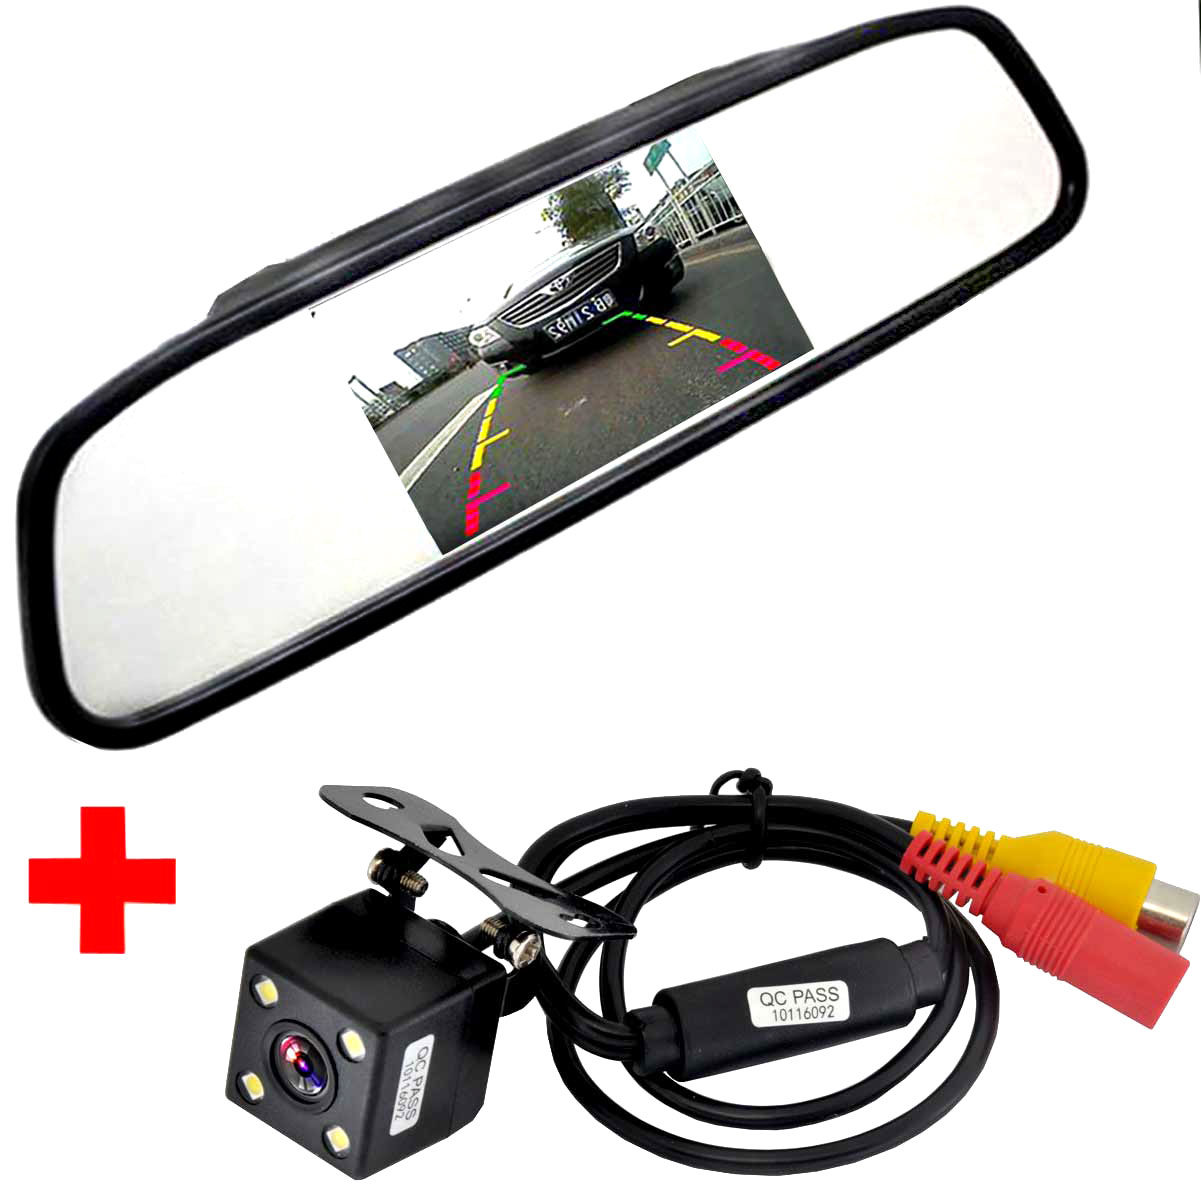 Voiture HD Vidéo Auto Parking Moniteur, LED de Vision Nocturne de Recul CCD Vue Arrière de Voiture Caméra Avec 4.3 pouce De Voiture Rétroviseur Moniteur